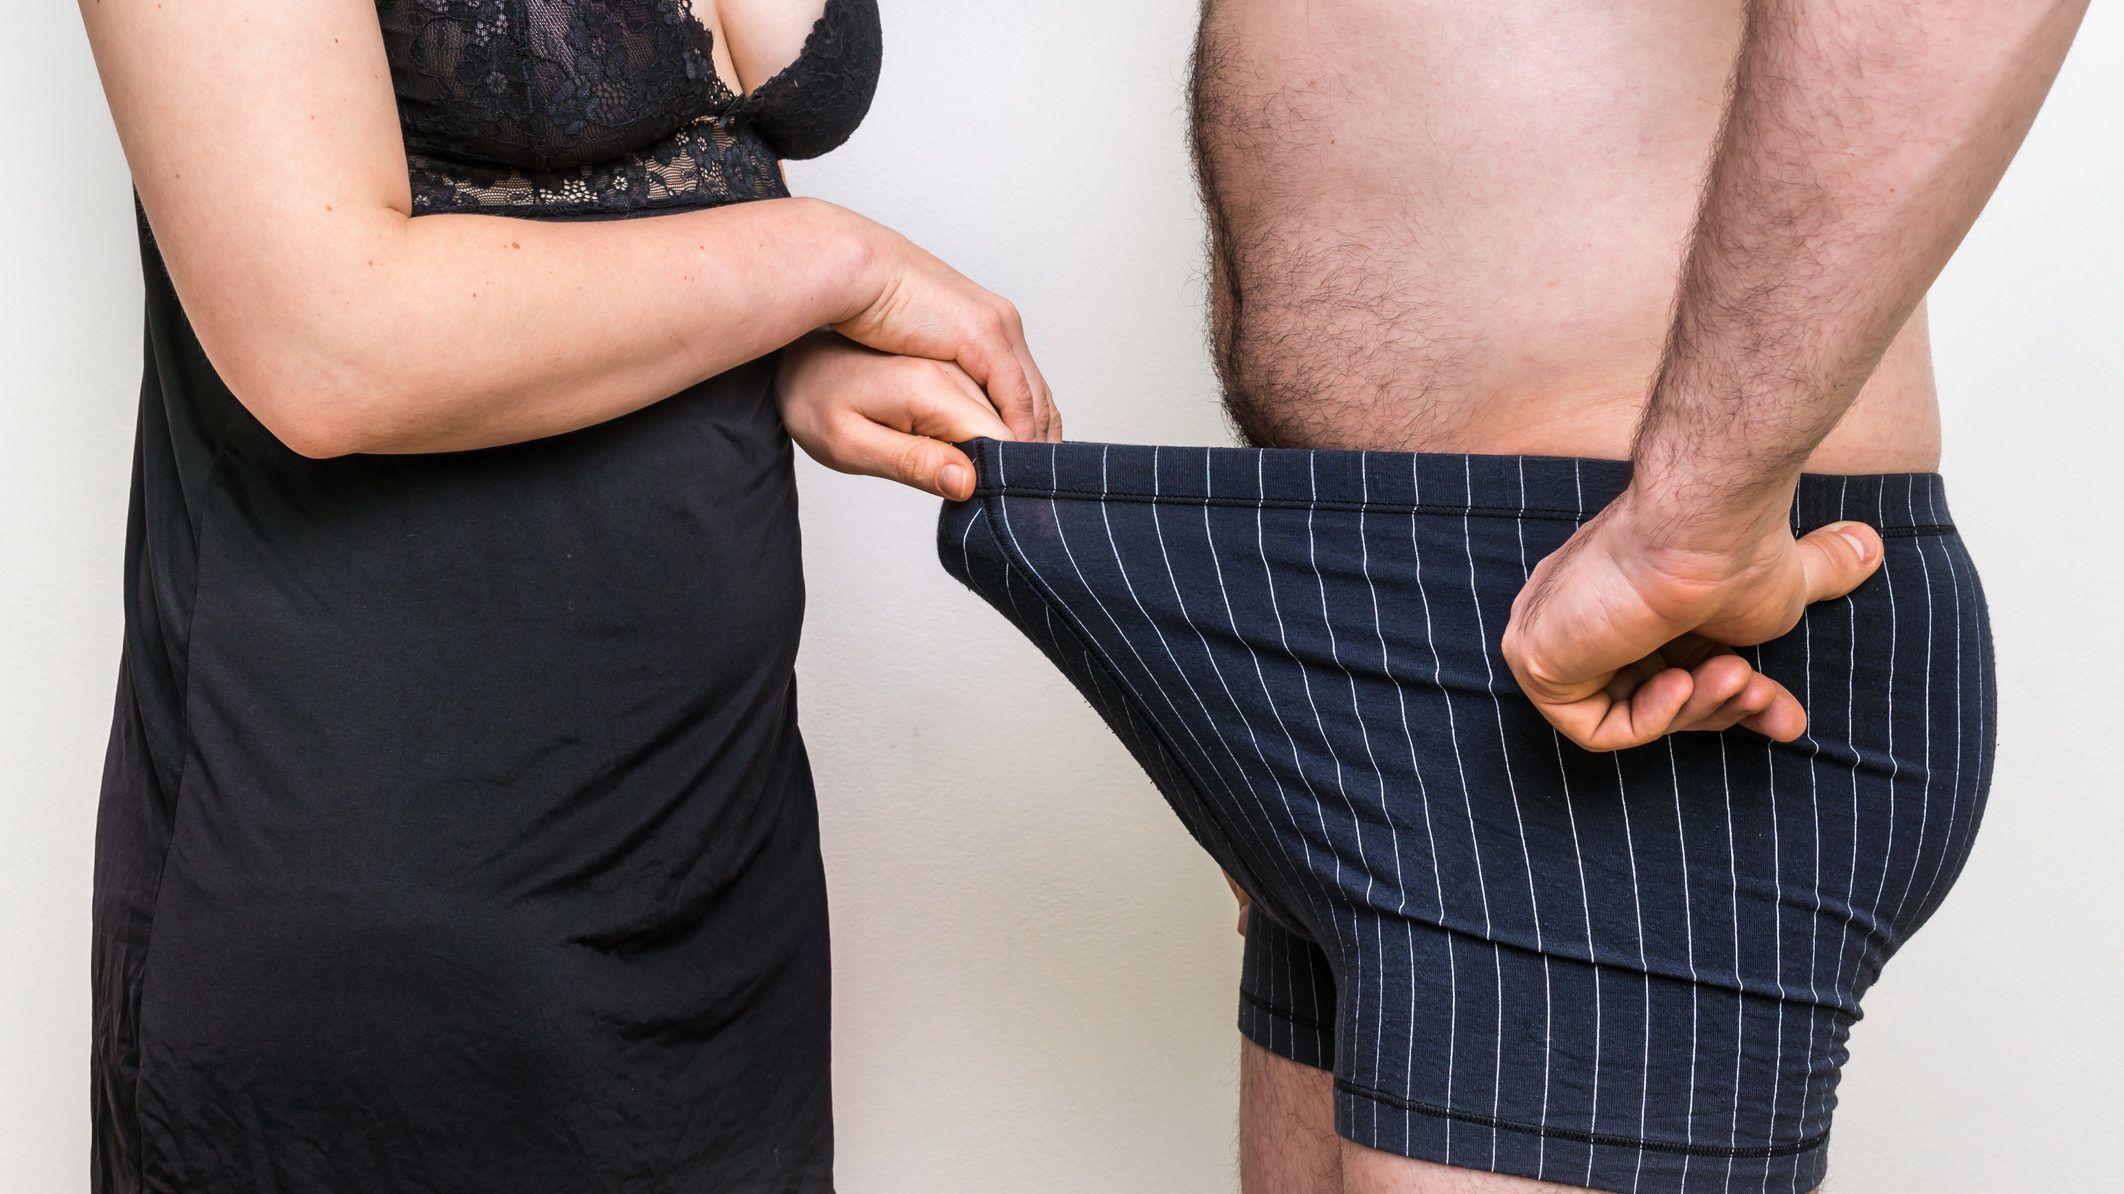 pénisz mérete közepes mit jelent a reggeli erekció hiánya